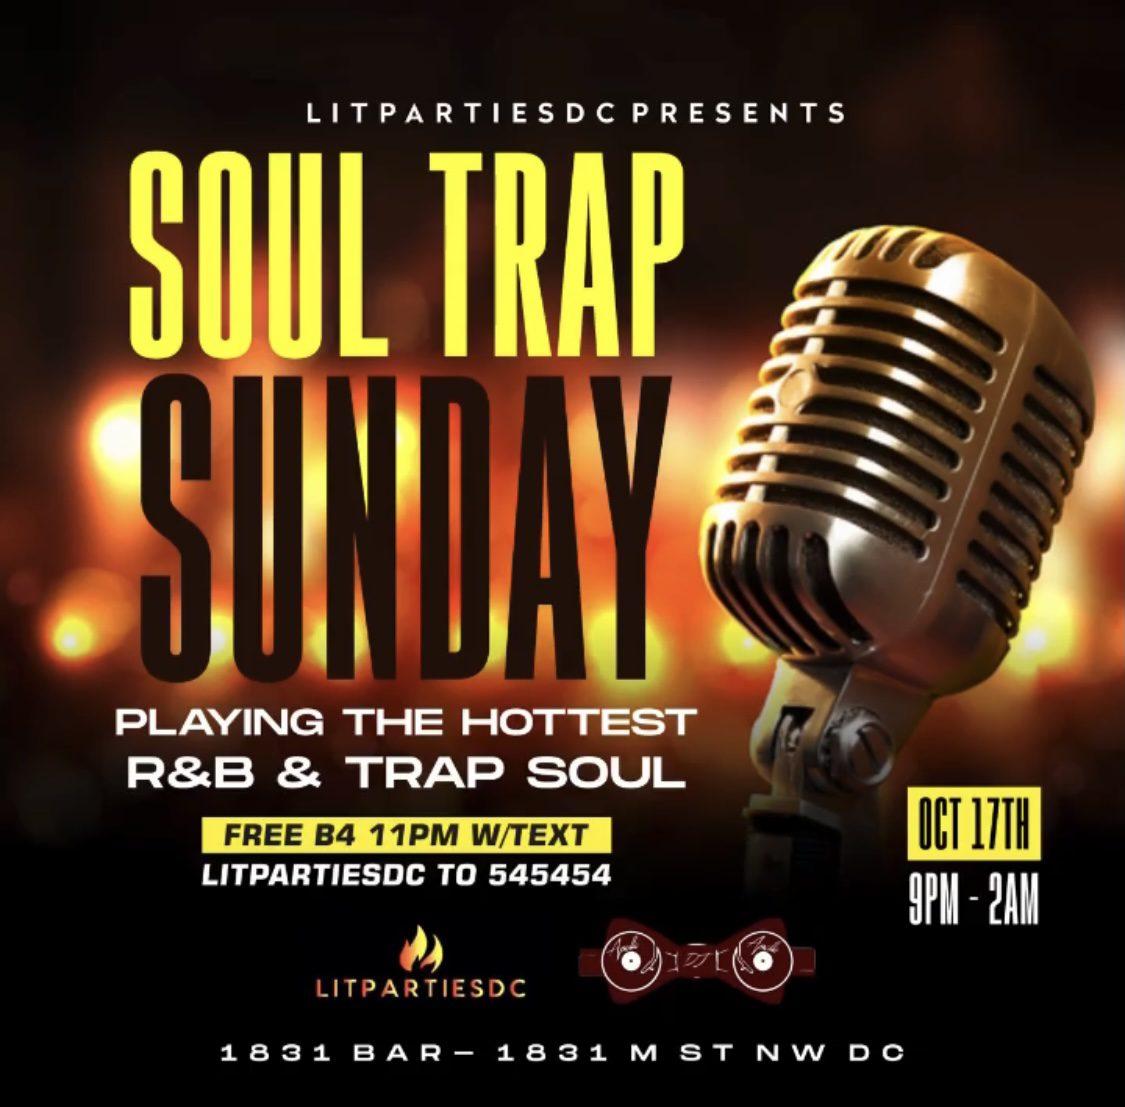 Soul Trap Sunday